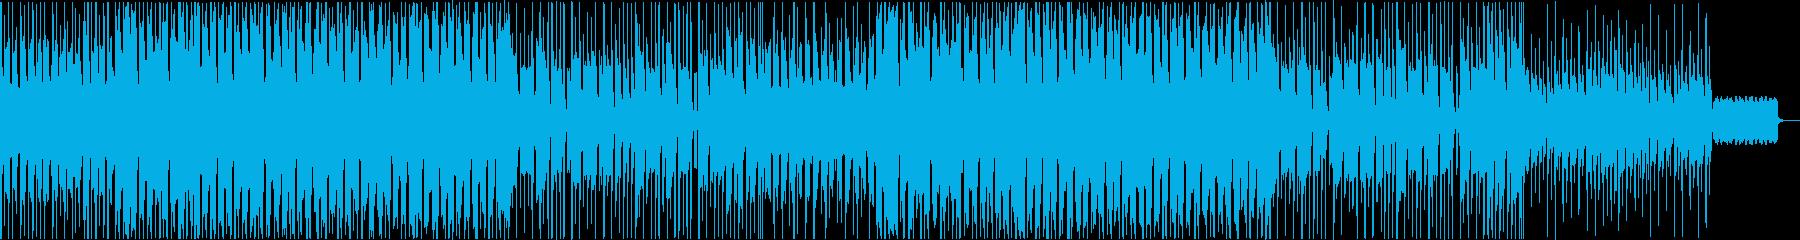 わんぱく元気の再生済みの波形